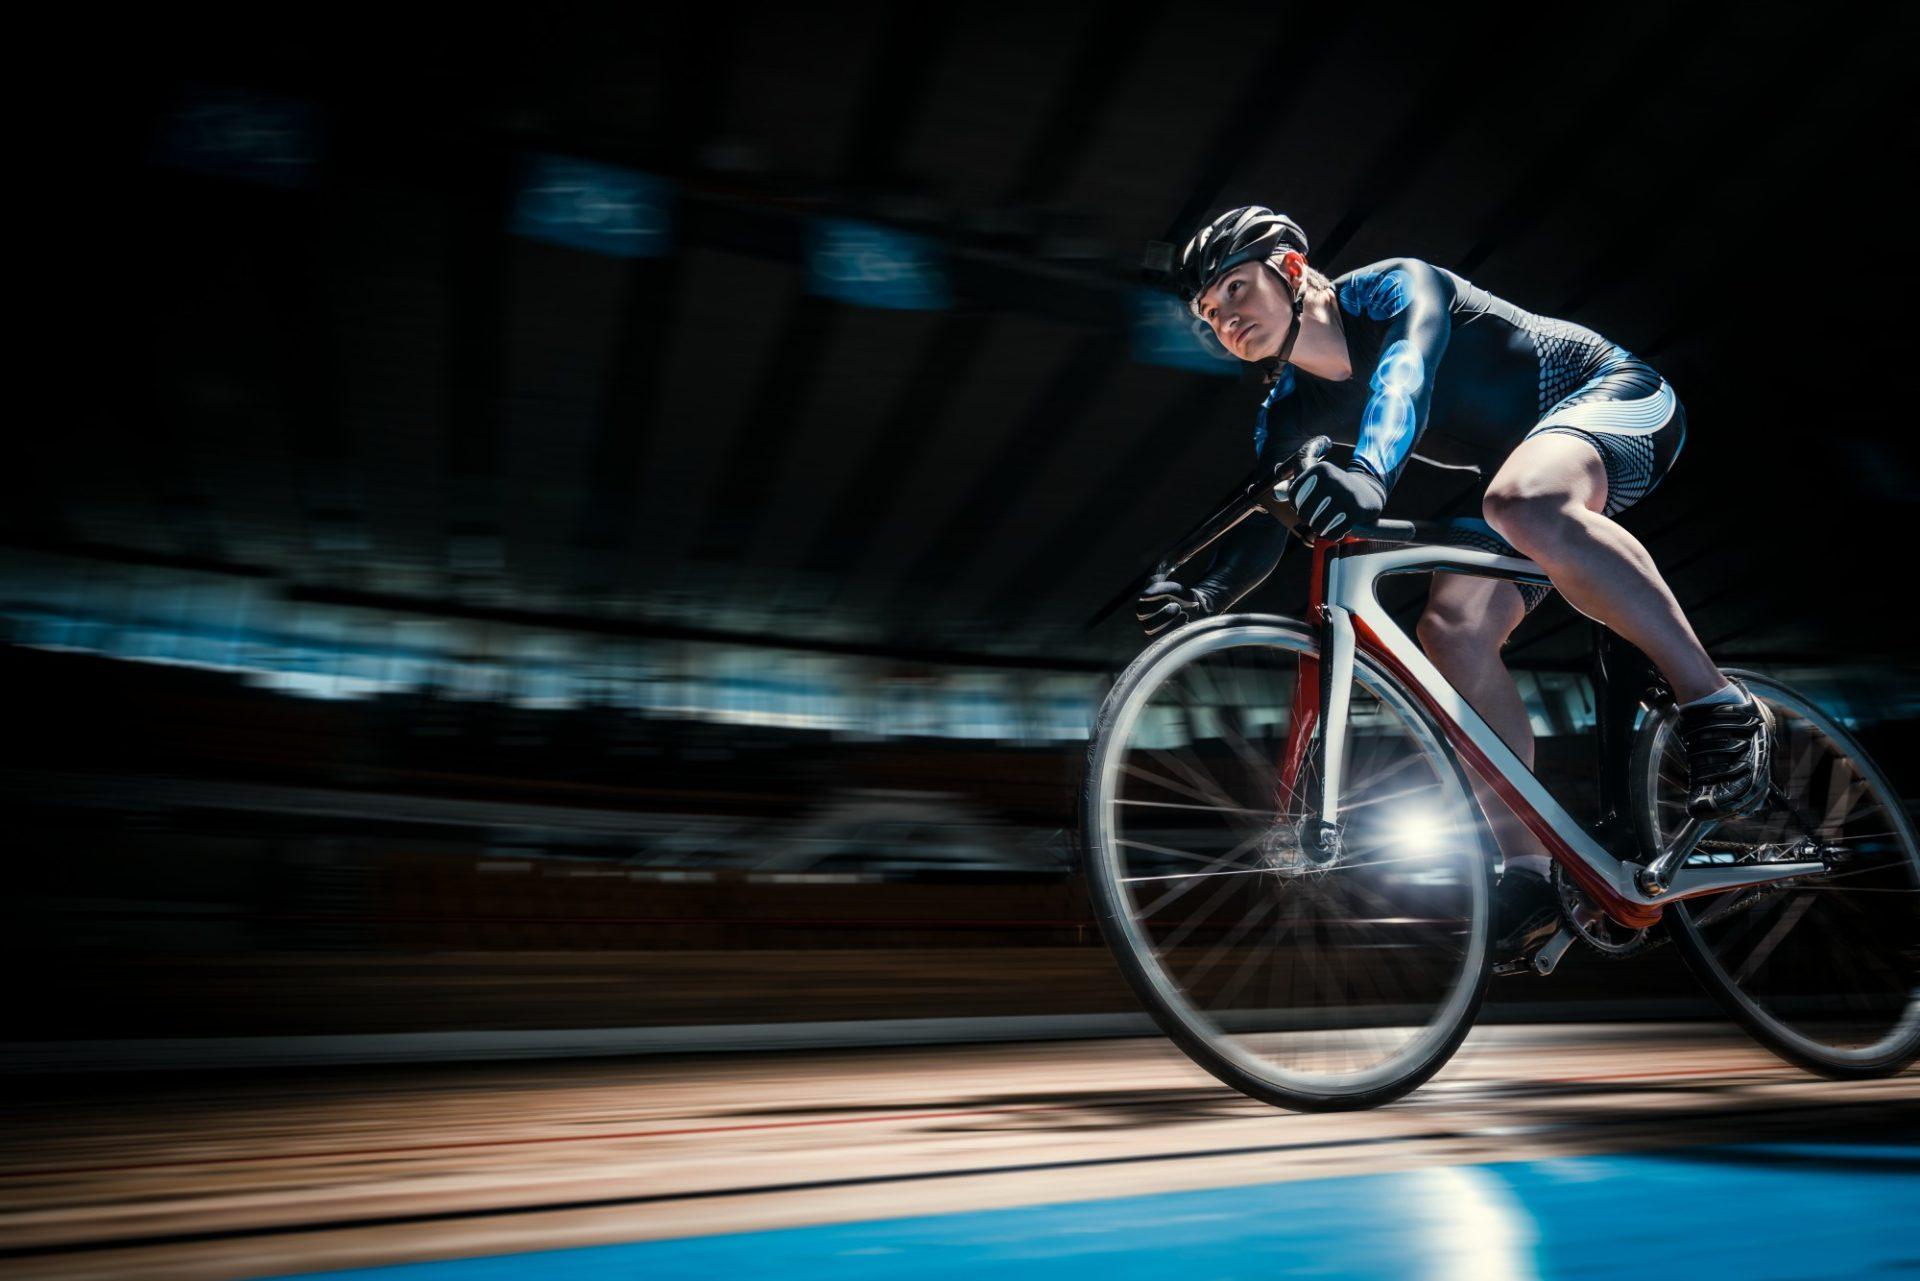 Prova de velocidade no ciclismo